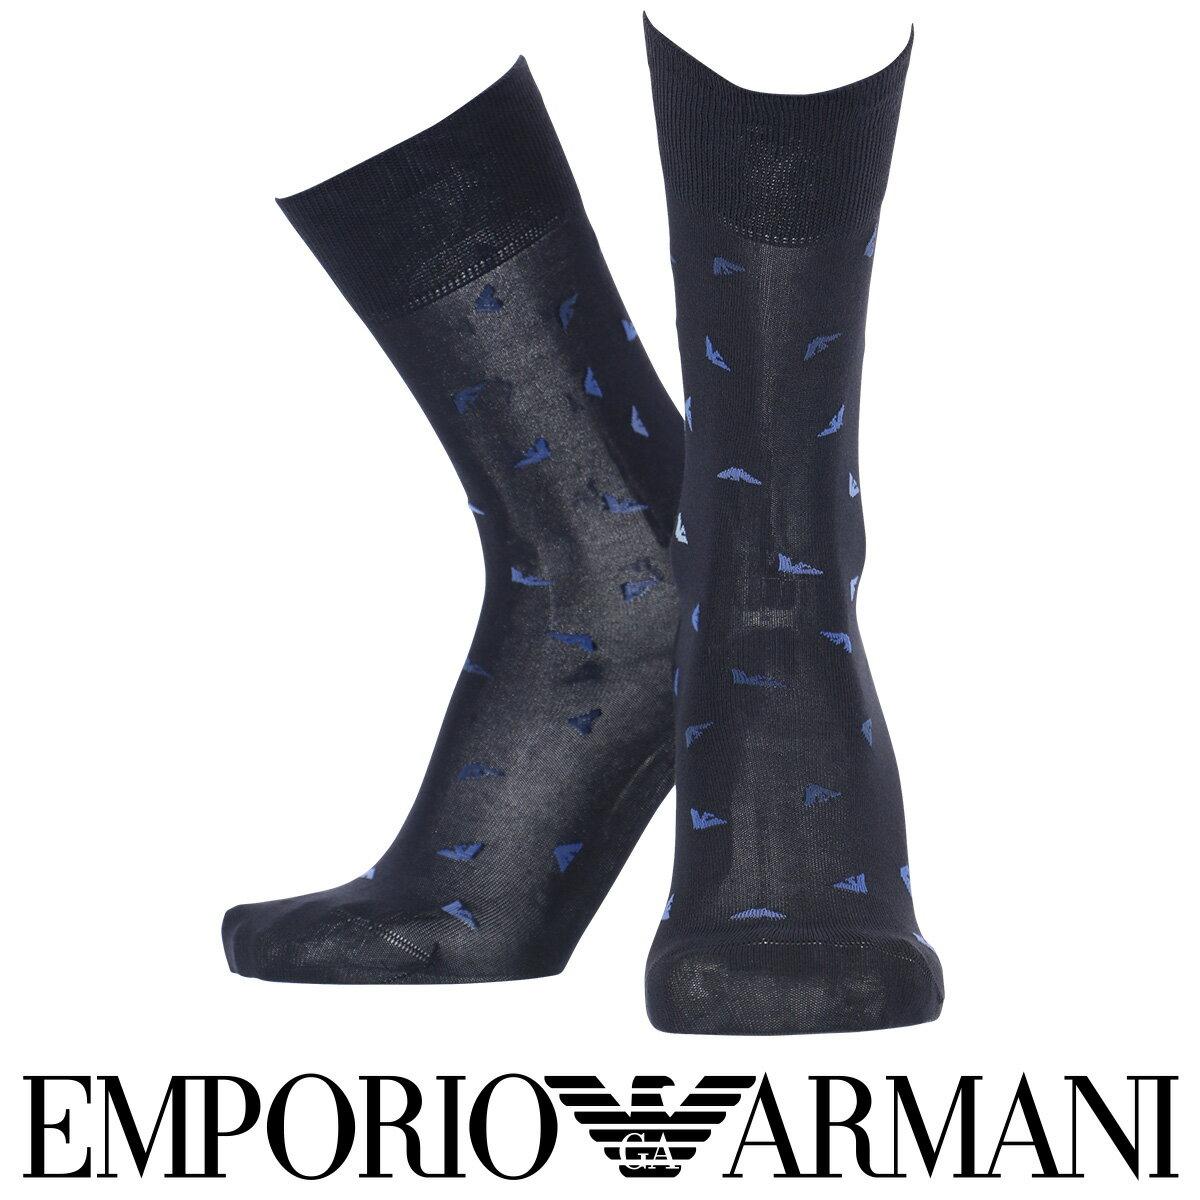 EMPORIO ARMANI ( エンポリオ アルマーニ )抗菌防臭 メンズ ソックス 靴下 イーグルロゴ ドット クルー丈 ビジネス ソックス男性 メンズ プレゼント 贈答 ギフト2312-388ポイント10倍